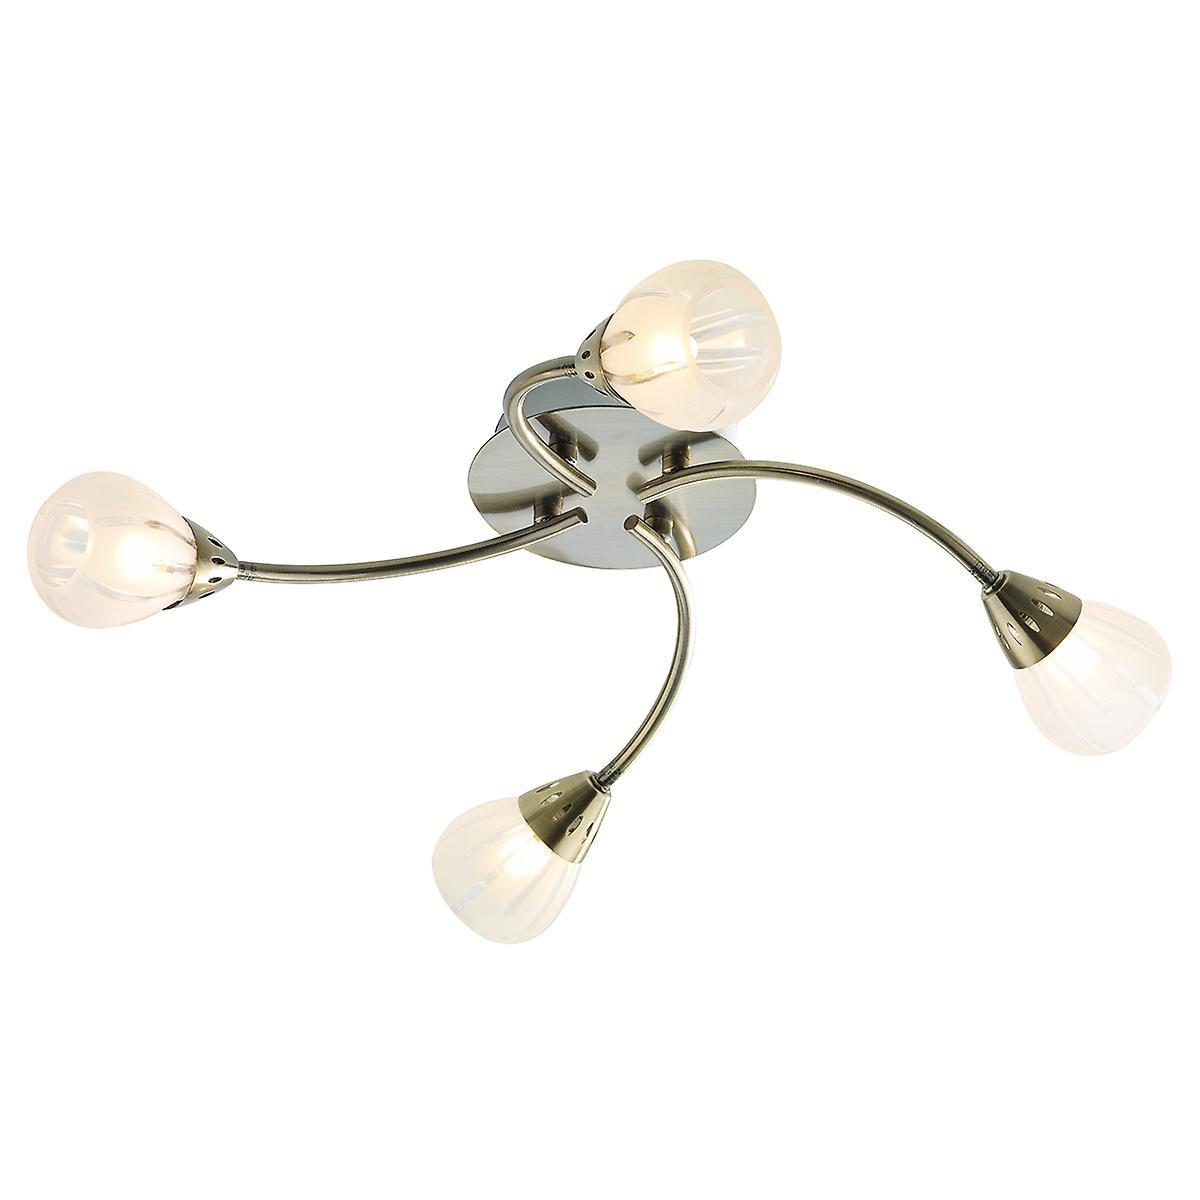 Dar VIL0475 Villa 4 Light Flush Ceiling In An Antique Brass Finish